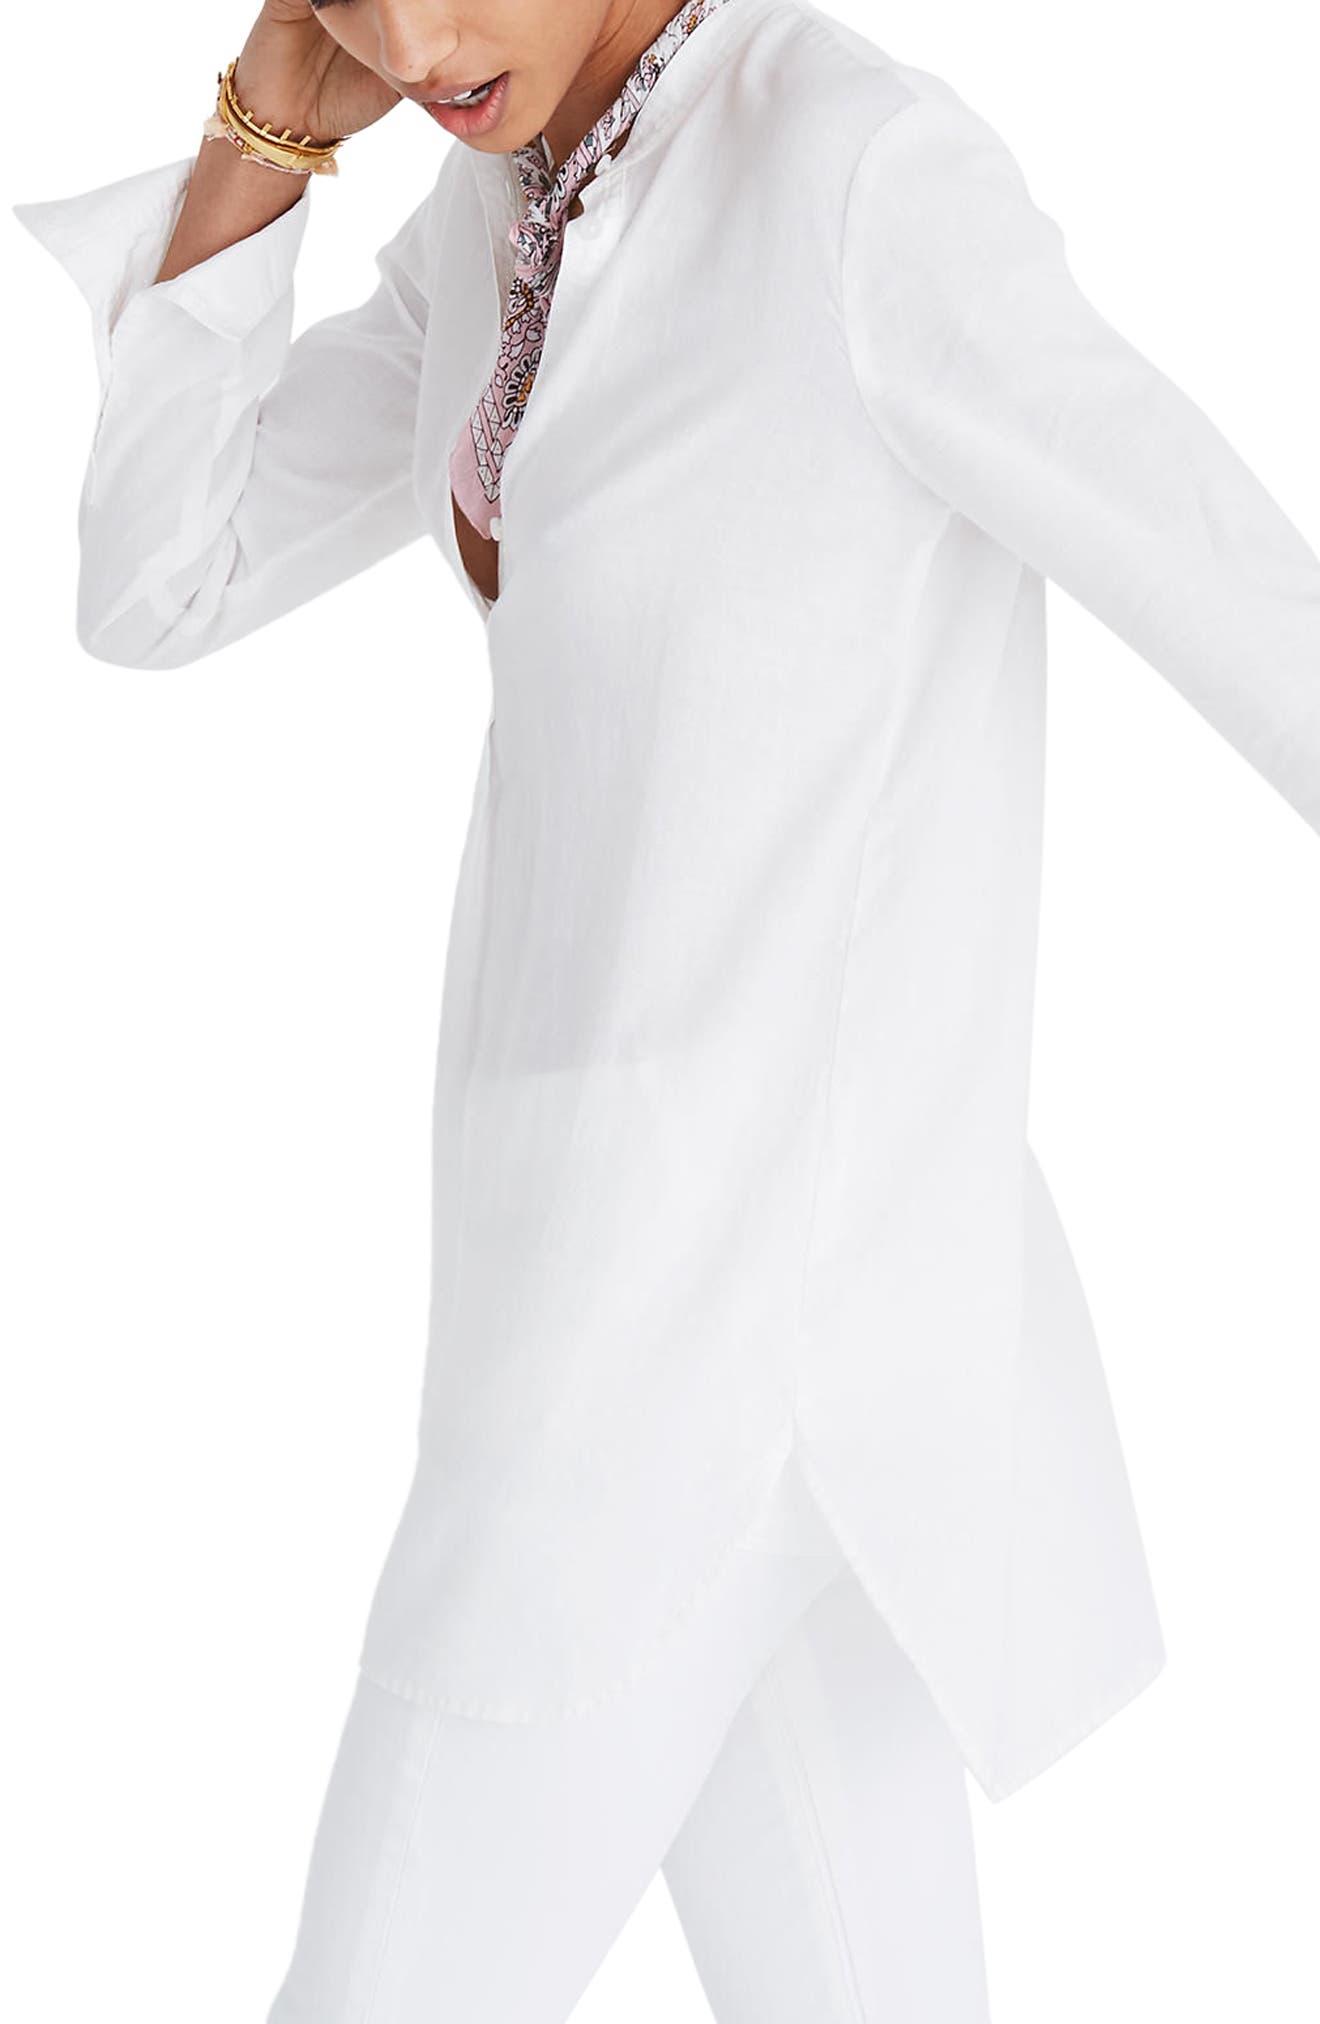 Wellspring Tunic Popover Shirt,                             Alternate thumbnail 3, color,                             Eyelet White